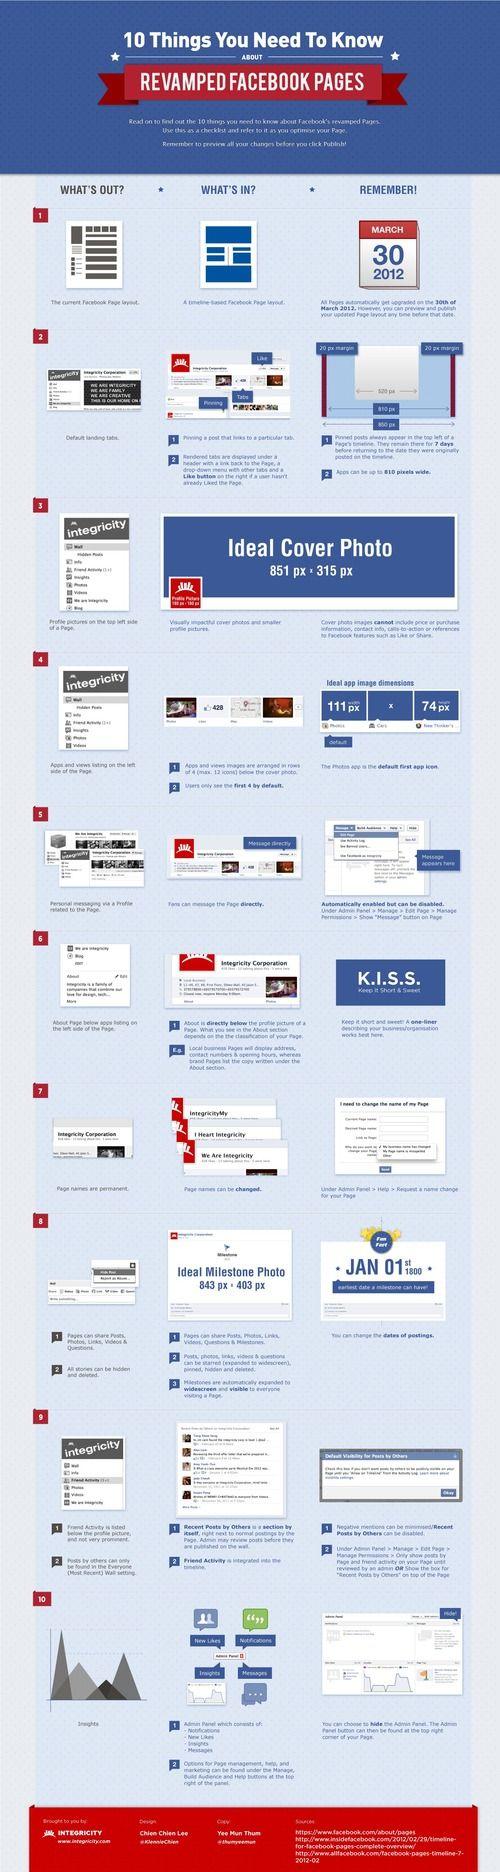 Infographie pour comprendre la timeline de Facebook